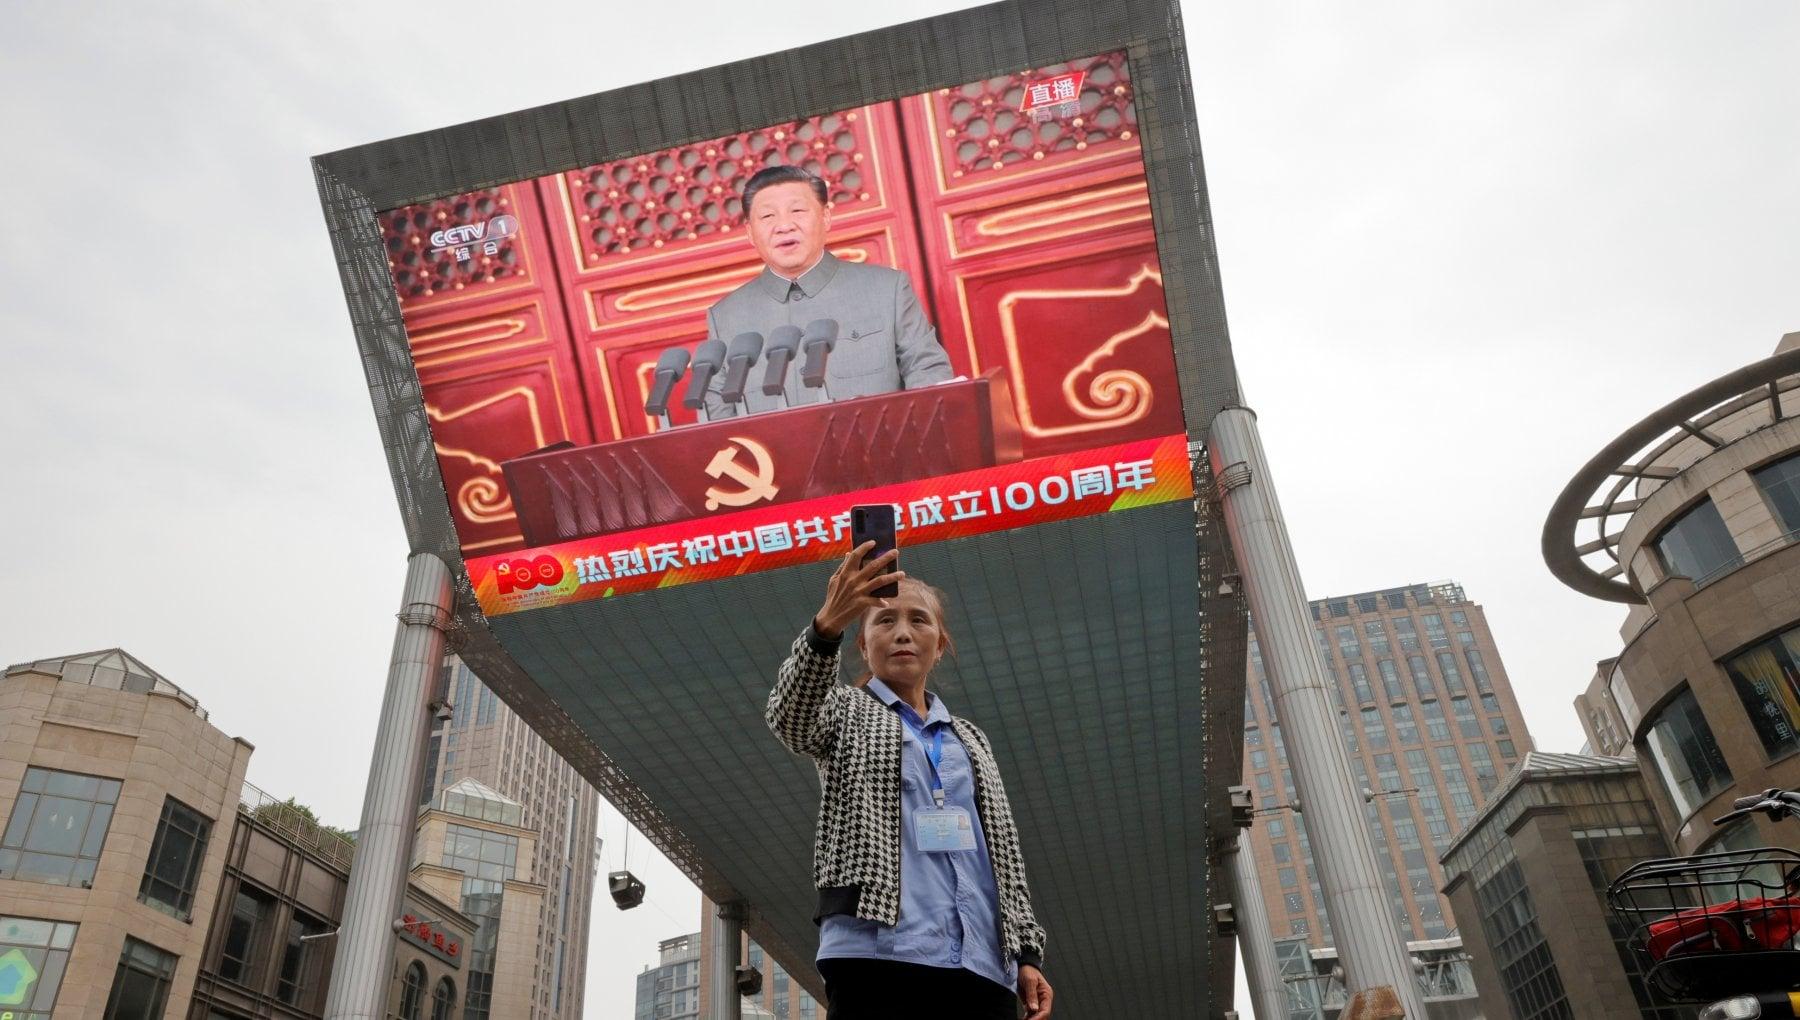 201622261 c7018a40 b58c 4f33 ae1b 9bf78c31aea7 - Cina, l'America osserva preoccupata l'ultra-nazionalismo di Xi